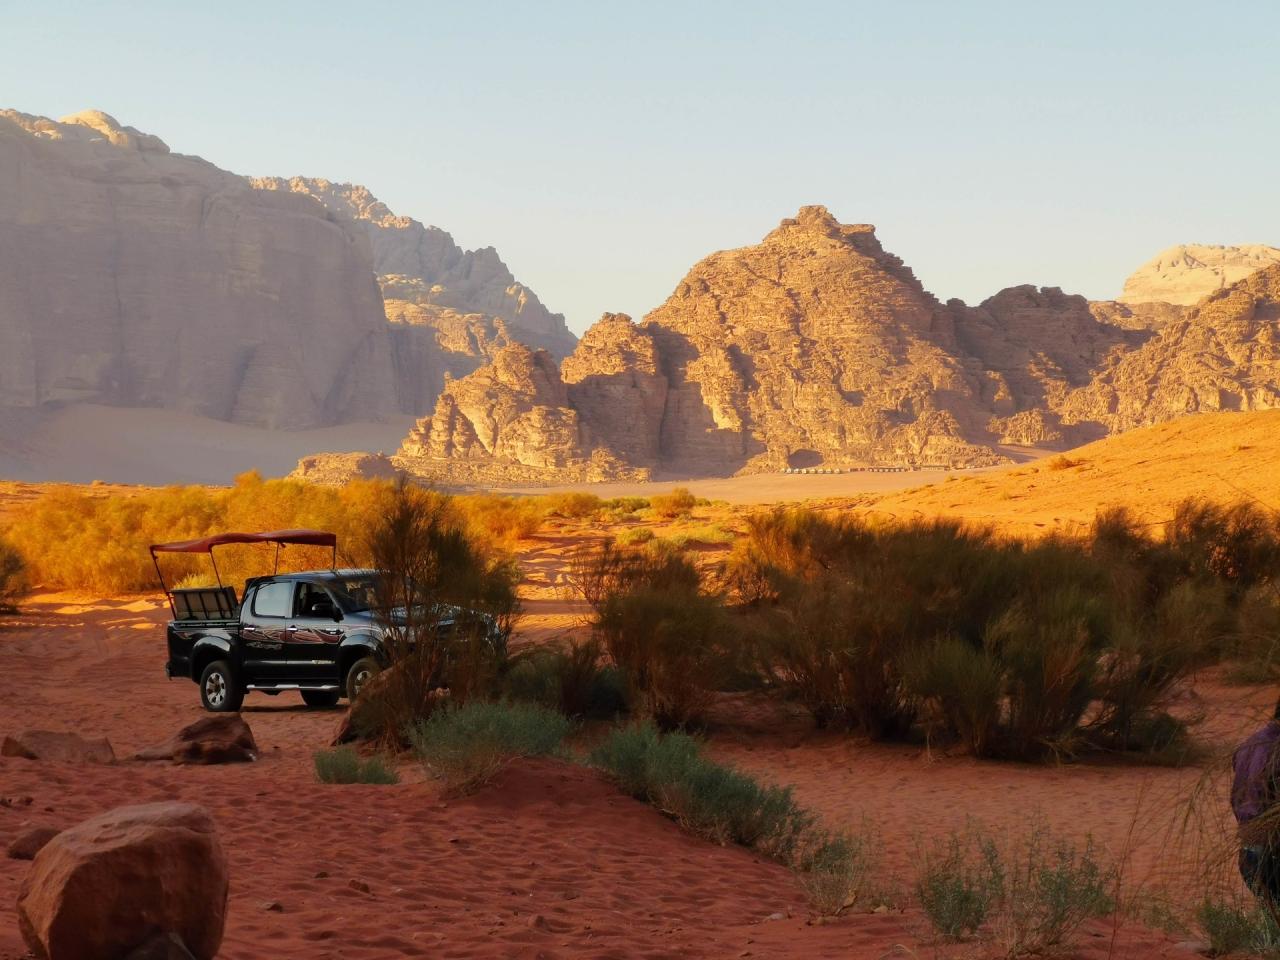 Masina Safari Wadi Rum Jordan